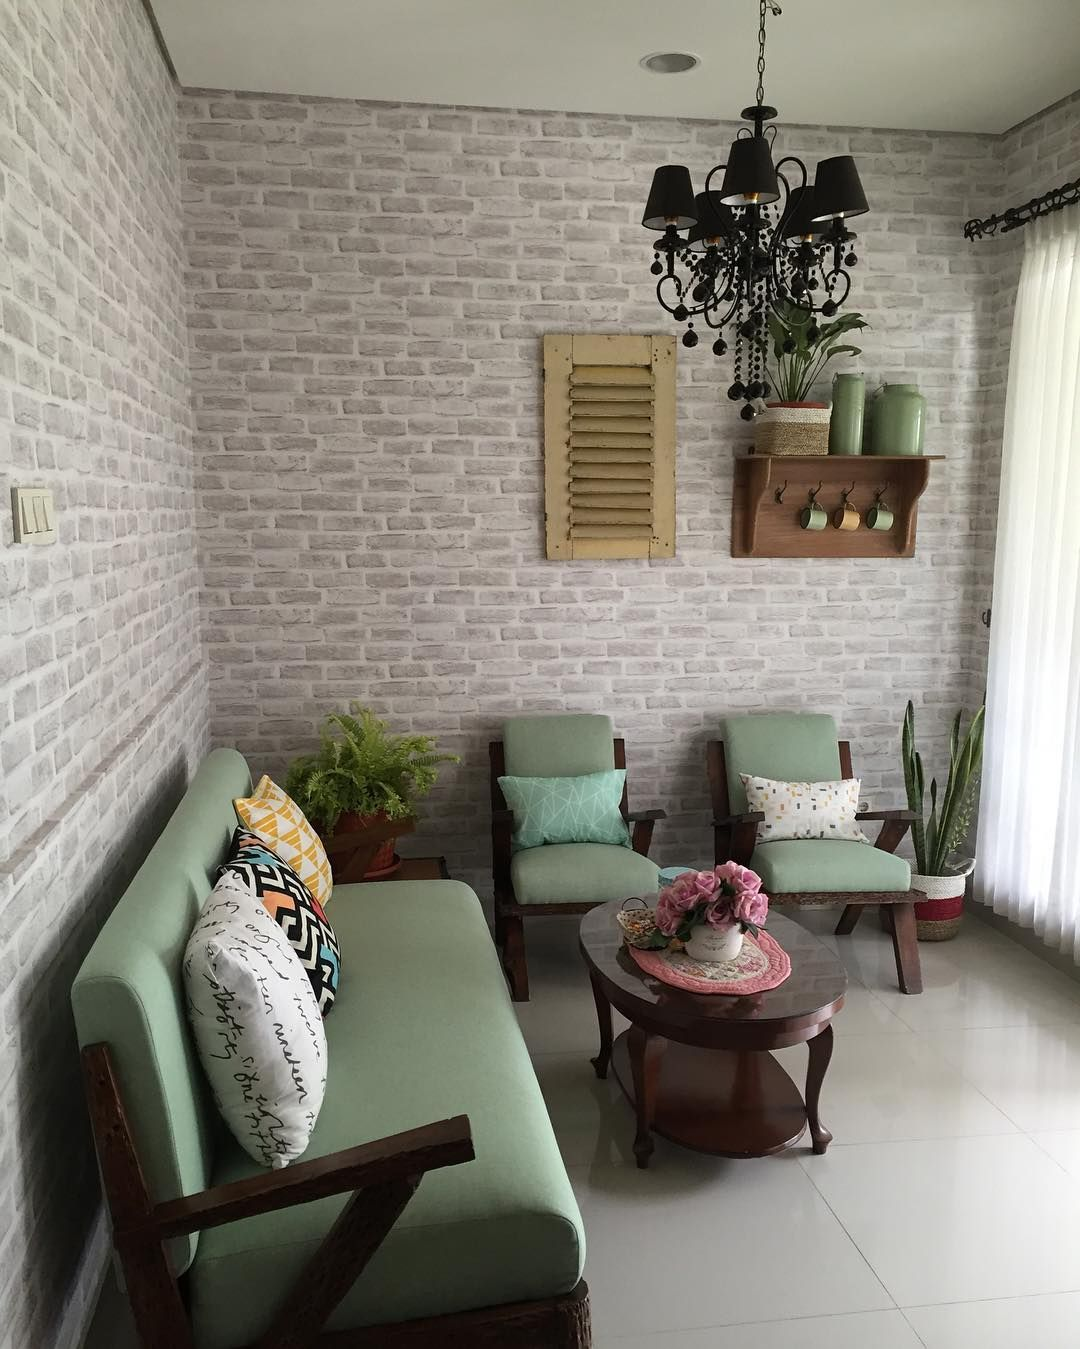 67 Desain Interior Rumah Minimalis Vintage Desain Rumah